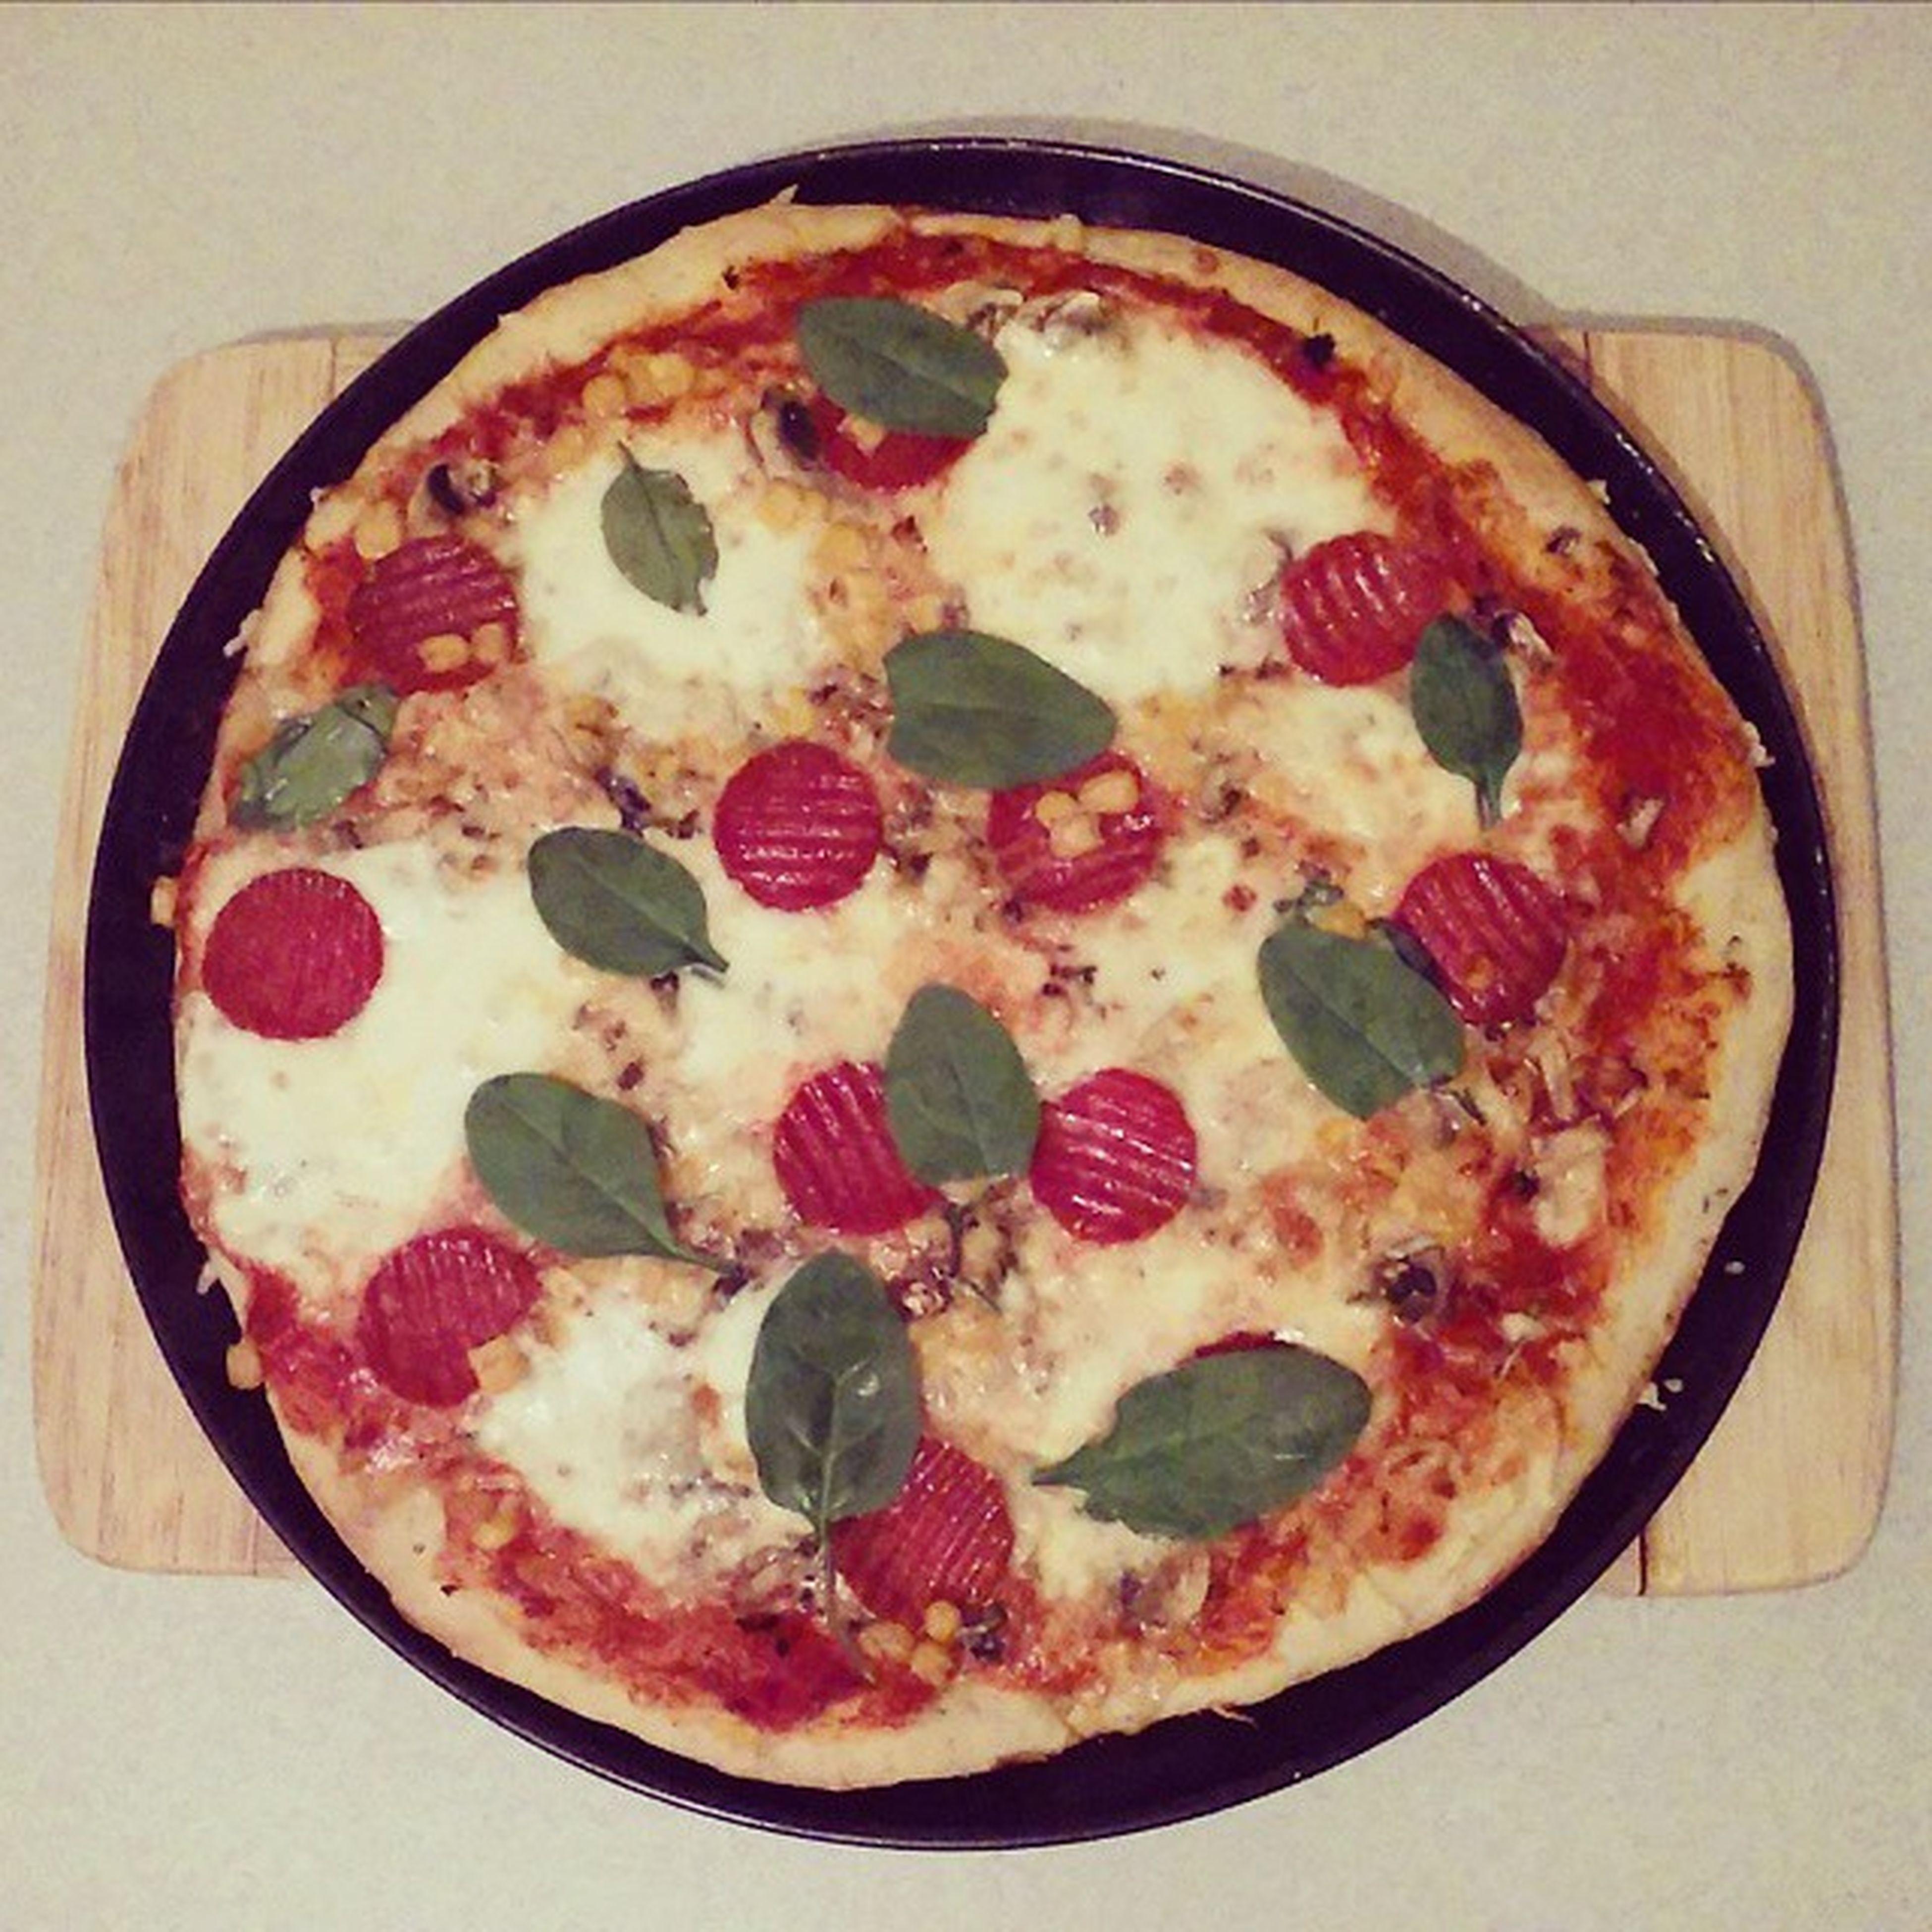 Dzisiejsza Kolacja Pizza Dinner Healthy Today Food Szpinak Salami Cheese Lazy Day Sunday Odpoczywamy Niedziela Home Delicious Vegetables Yummy Instafood Photo Weekend Eat Cook  Polishboy  polishgirllikeforlikel4lf4f